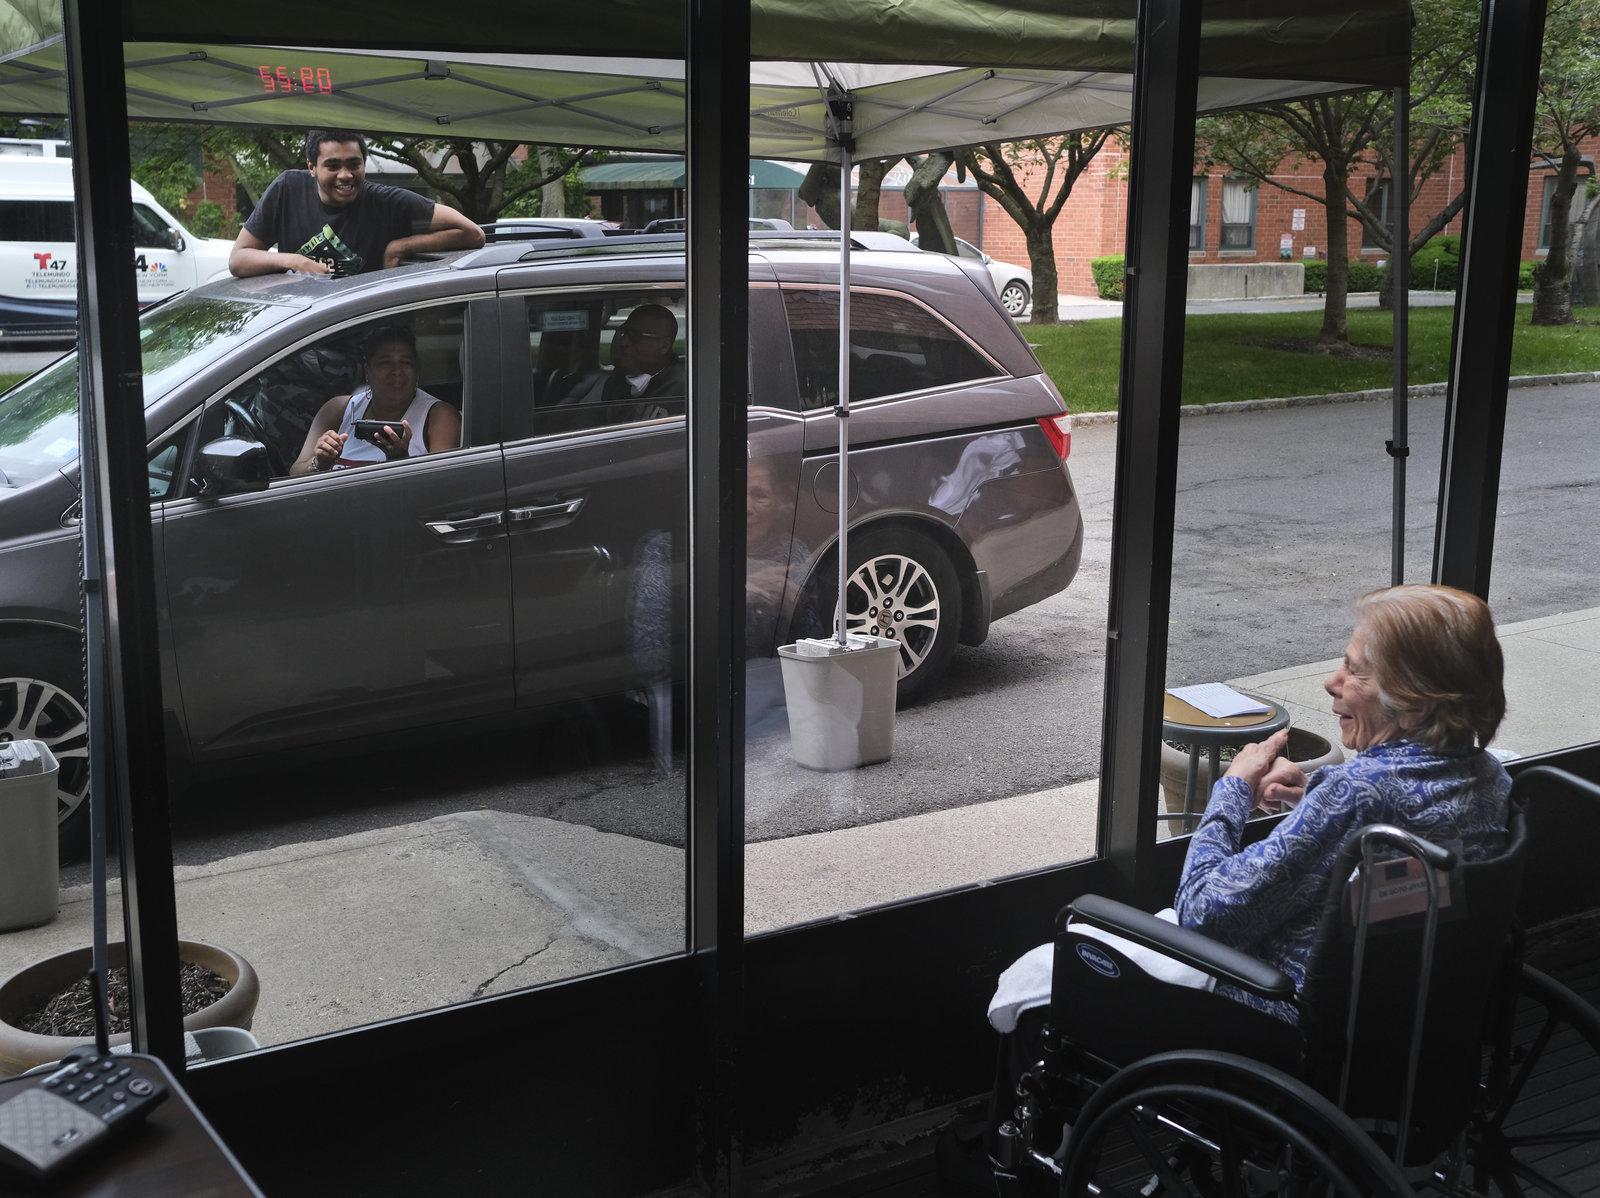 虽然有严格的规定,但是探访者可以进入纽约的养老院